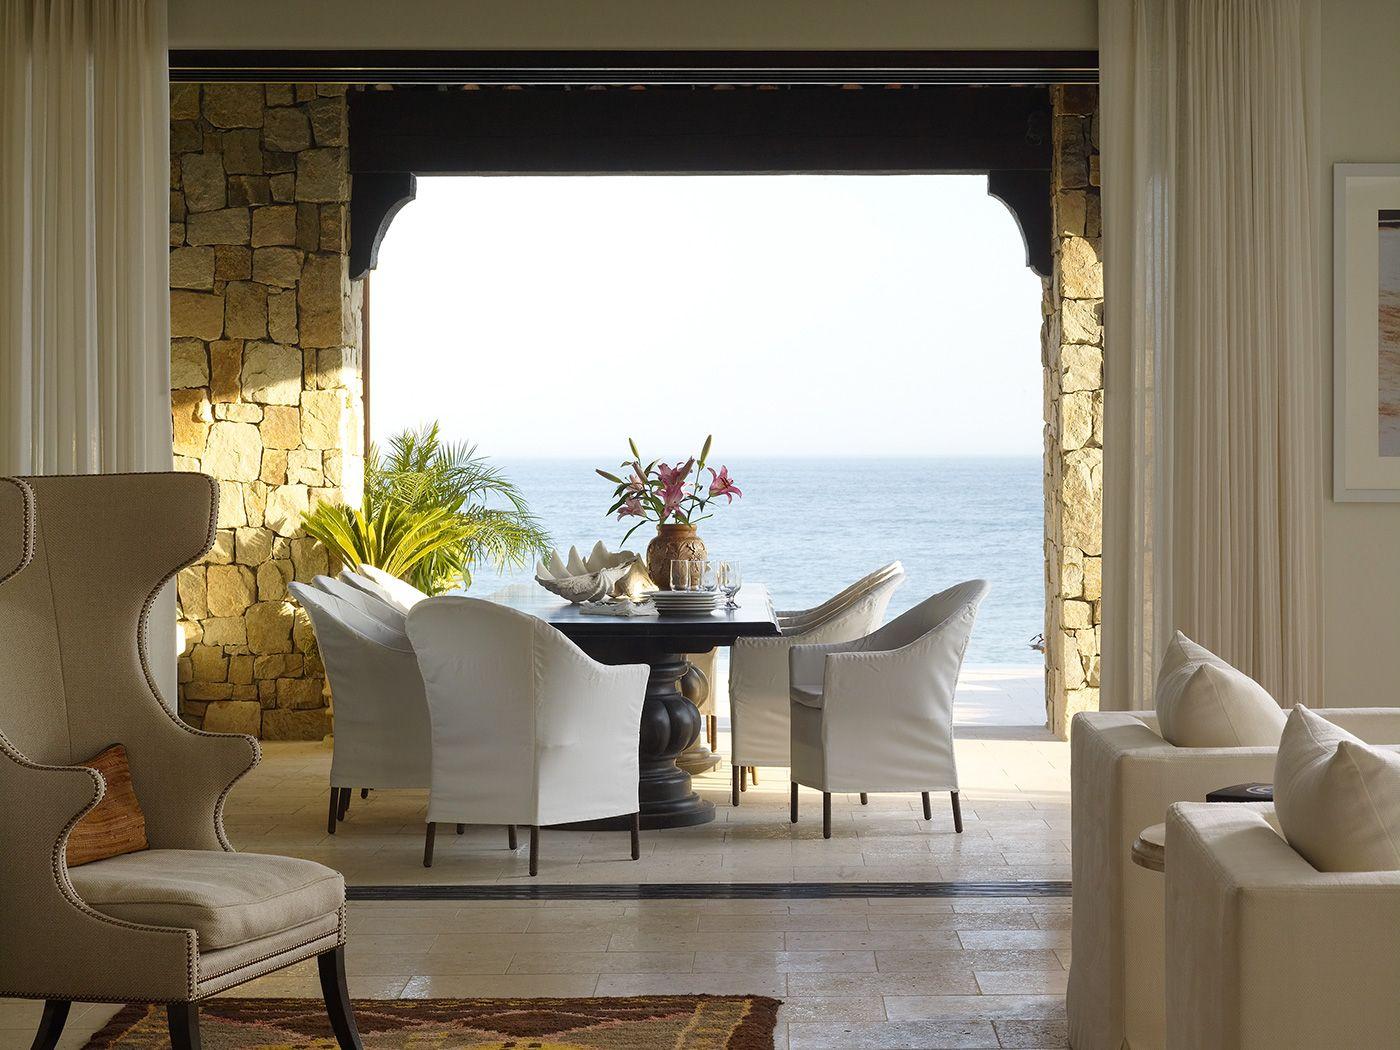 kara mann design | outdoor living | pinterest | interiors